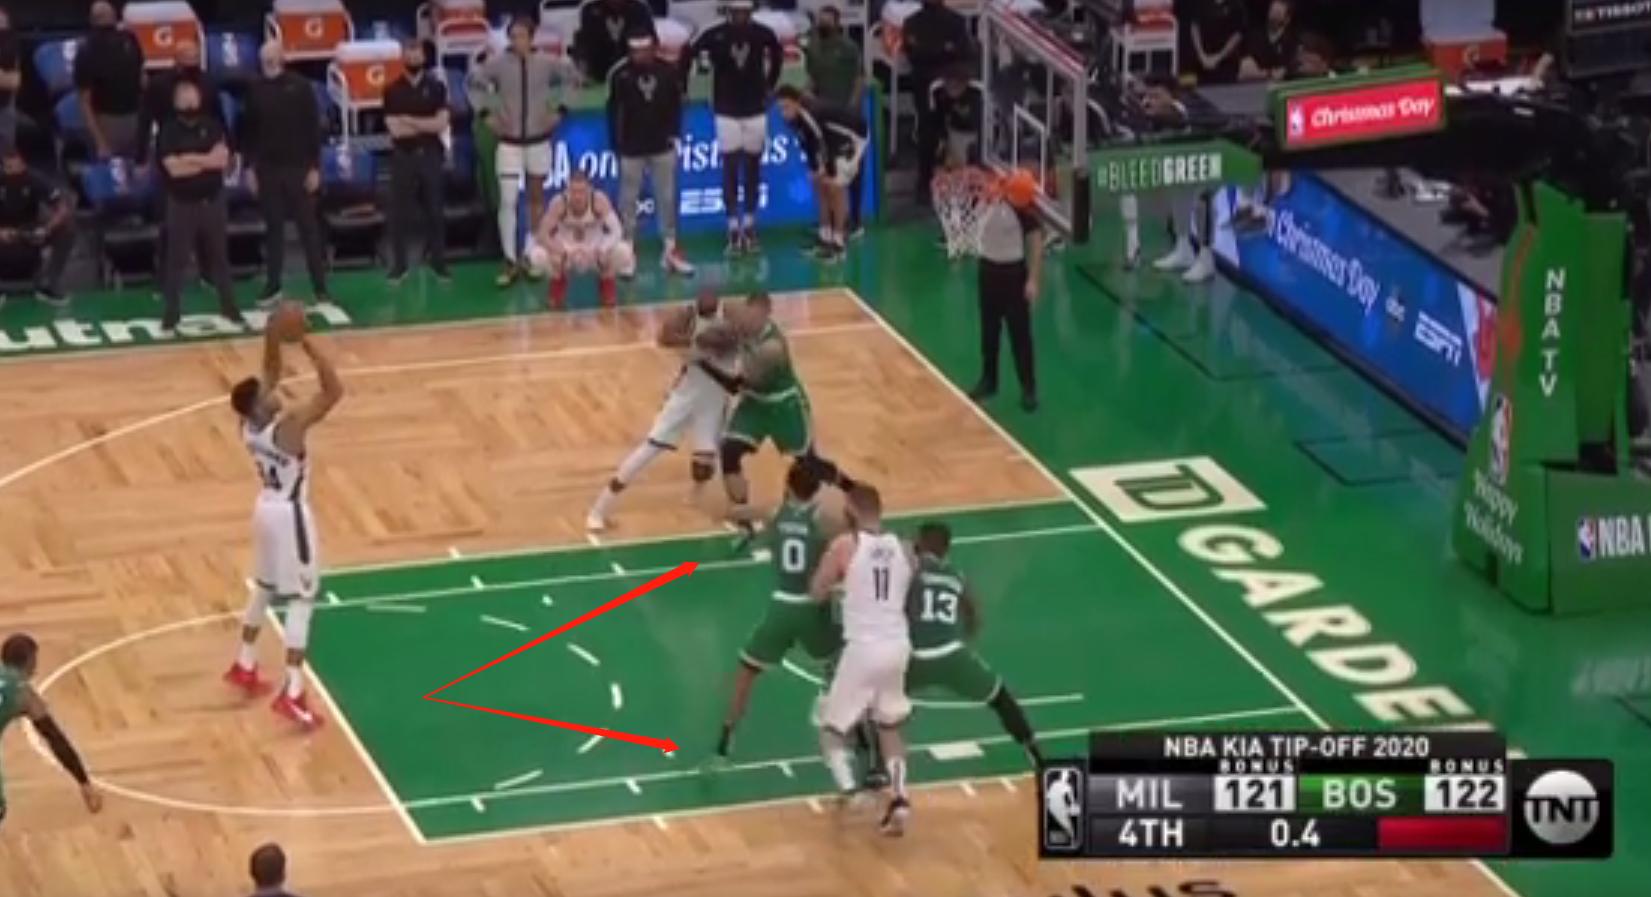 【影片】NBA裁判報告出爐!兩次錯判「幫助」國王絕殺金塊,字母哥0.4秒罰球也有誤判?